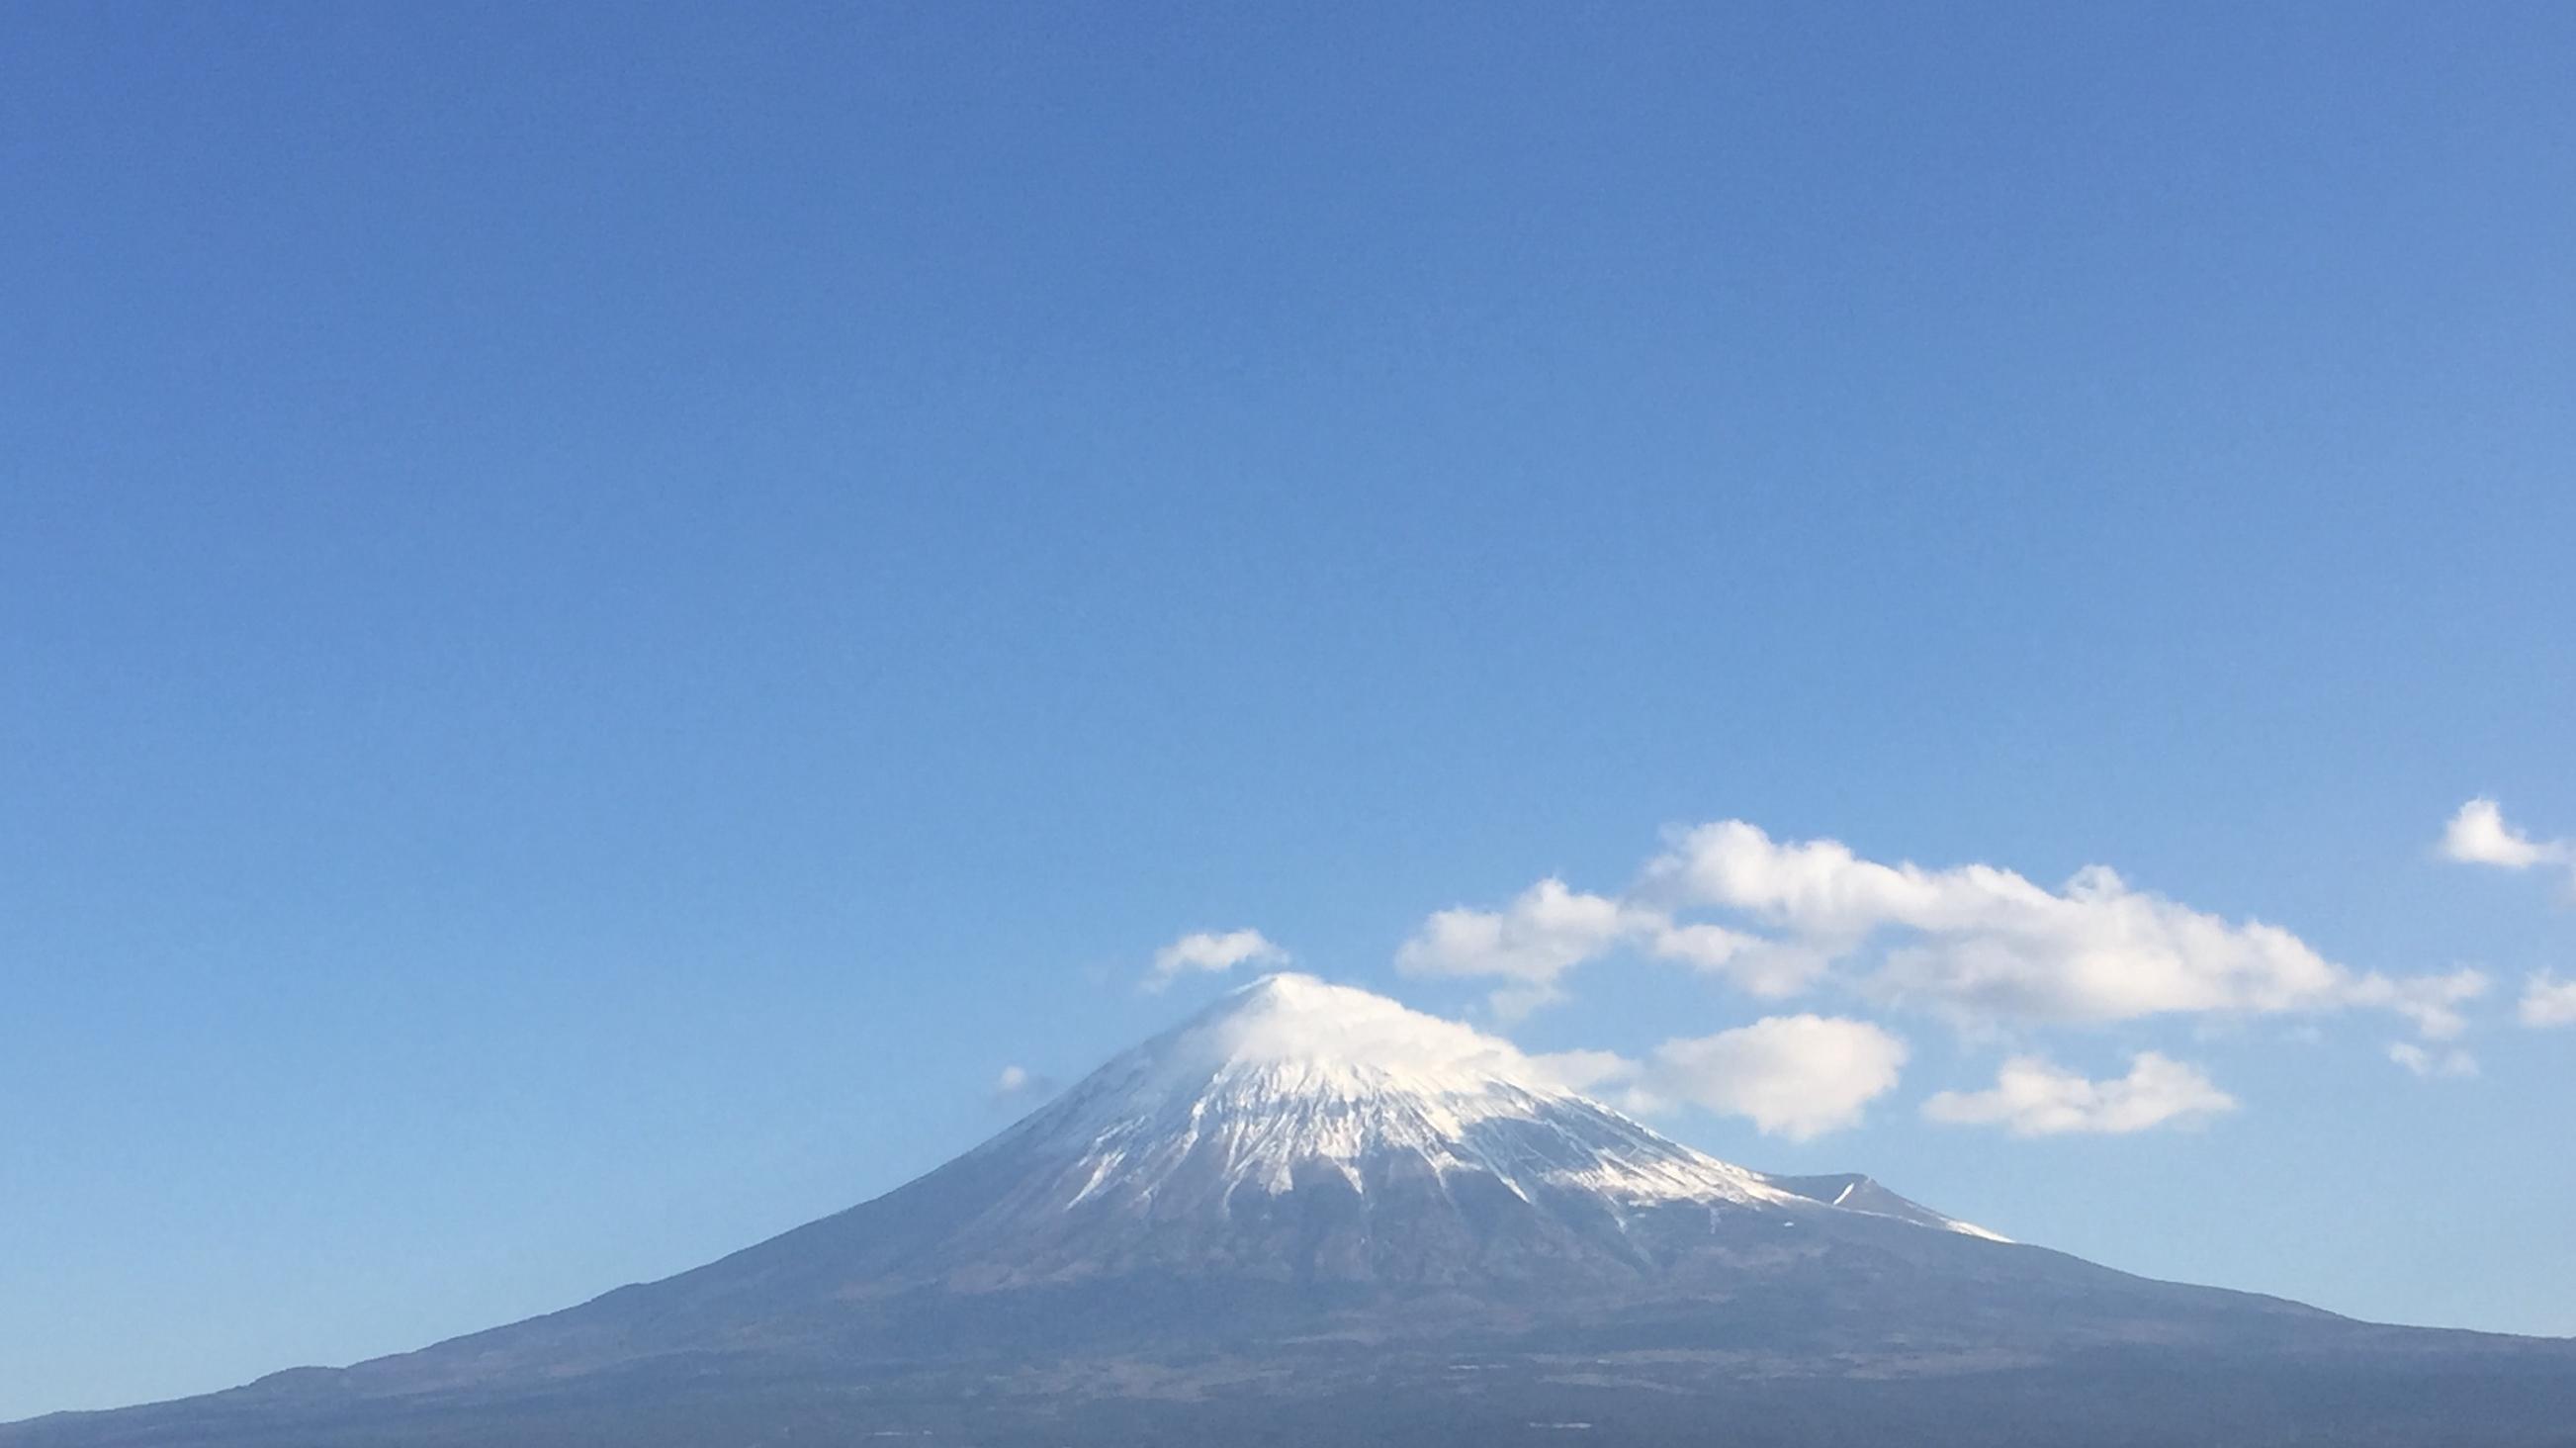 2017年1月22日の富士山の写真